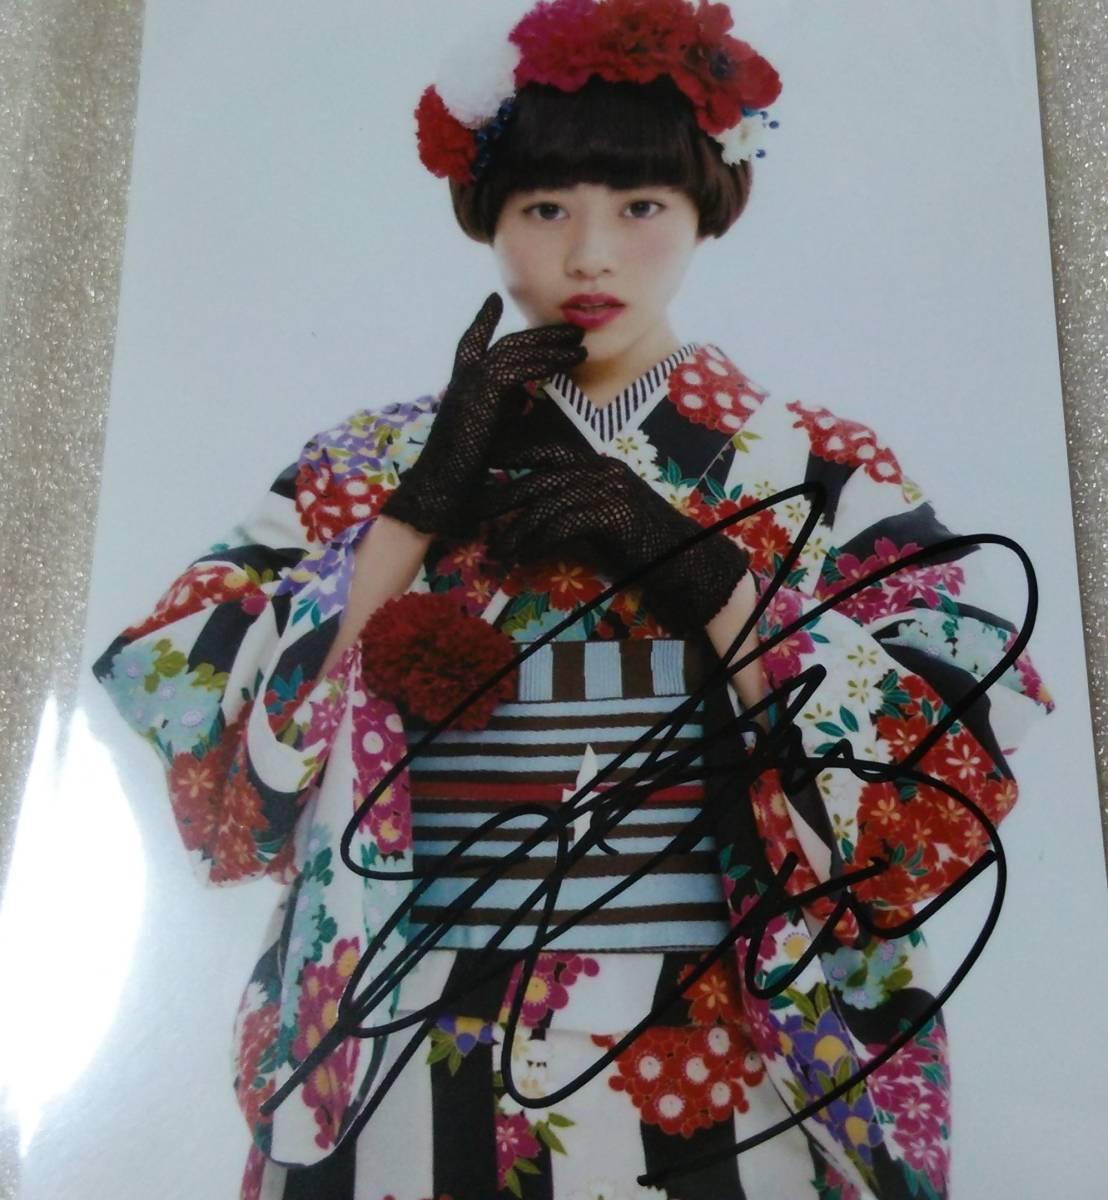 高畑充希 直筆サイン入り生写真 2015年5月ファンクラブイベントにおける入手品